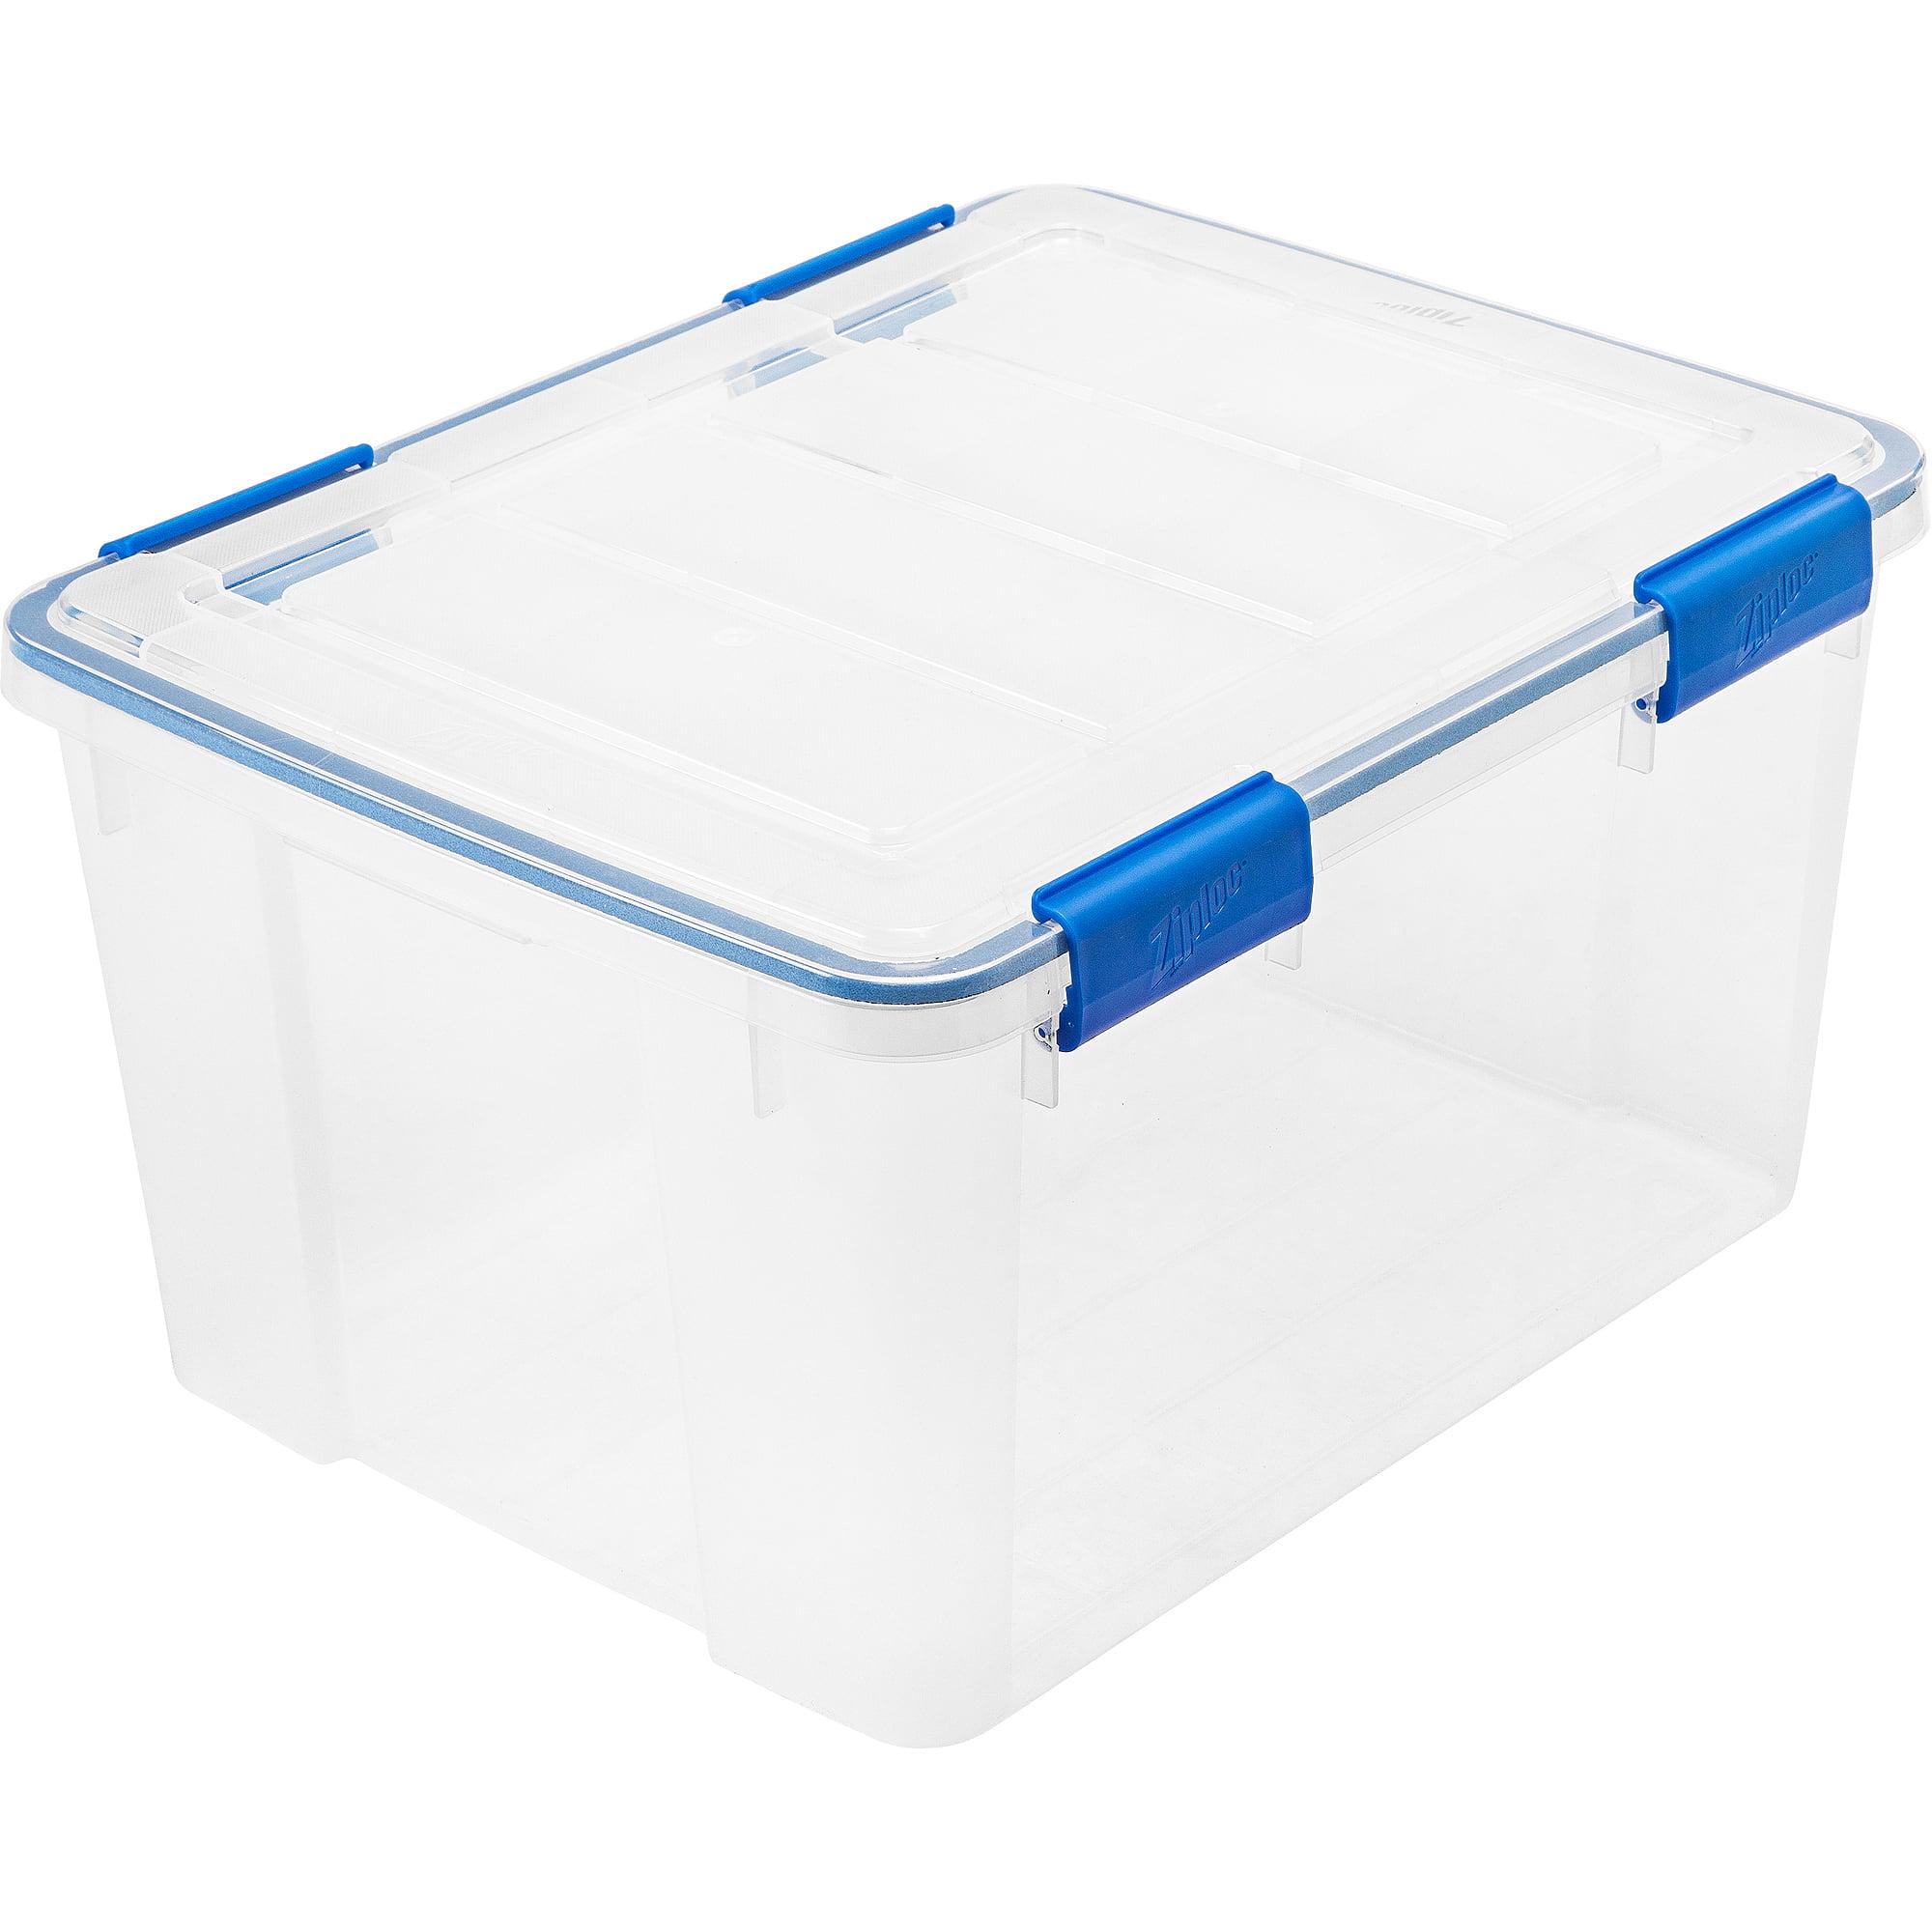 Ziploc 16 Qt./4 Gal. WeatherShield Storage Box, Clear   Walmart.com